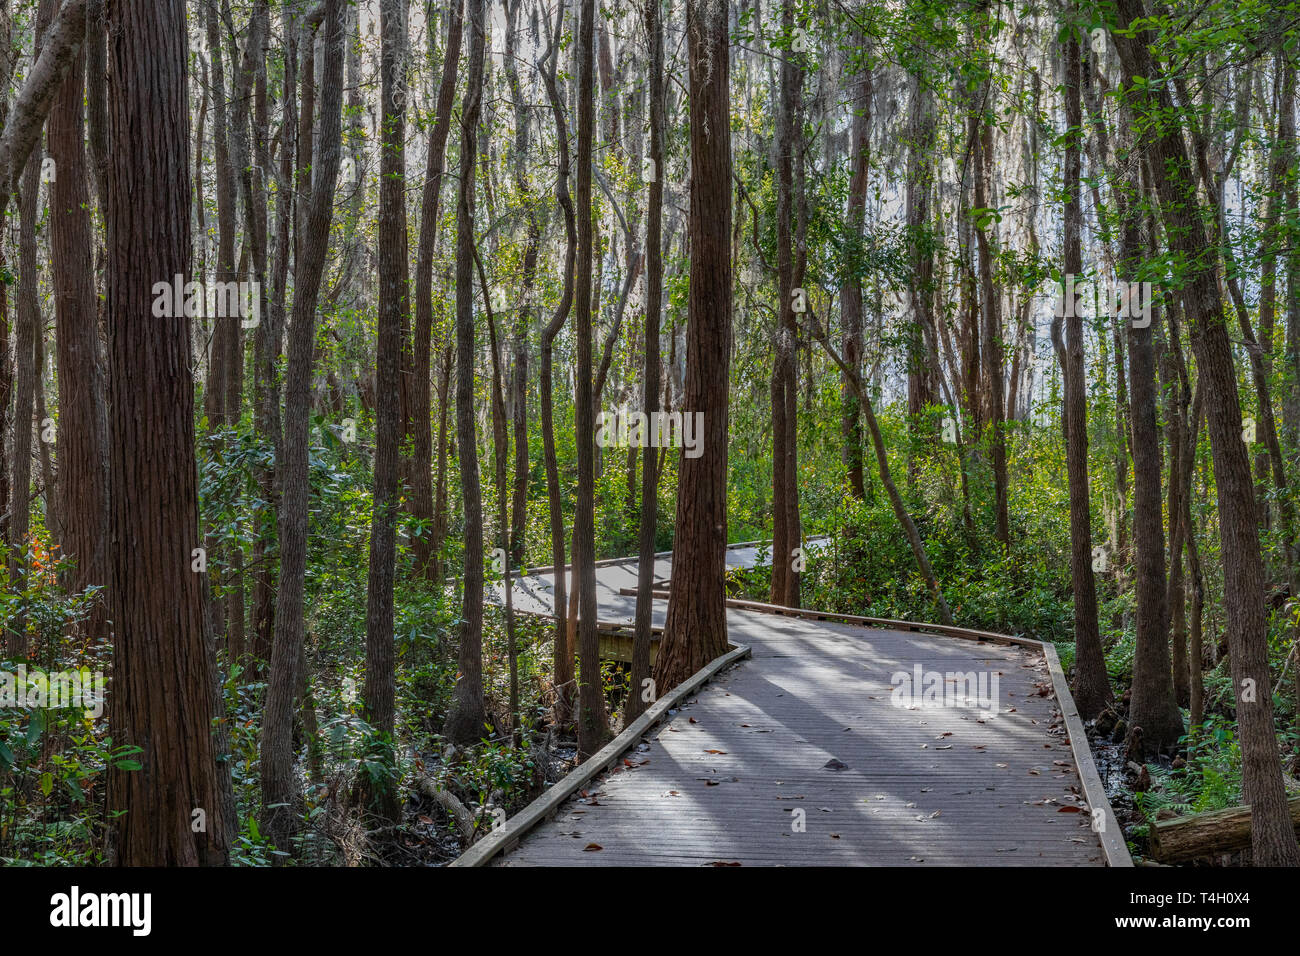 Okefenokee Swamp Folkston, GA, USA-3/30/19: A walkway through the eastern side of the Okefenokee swamp. Stock Photo